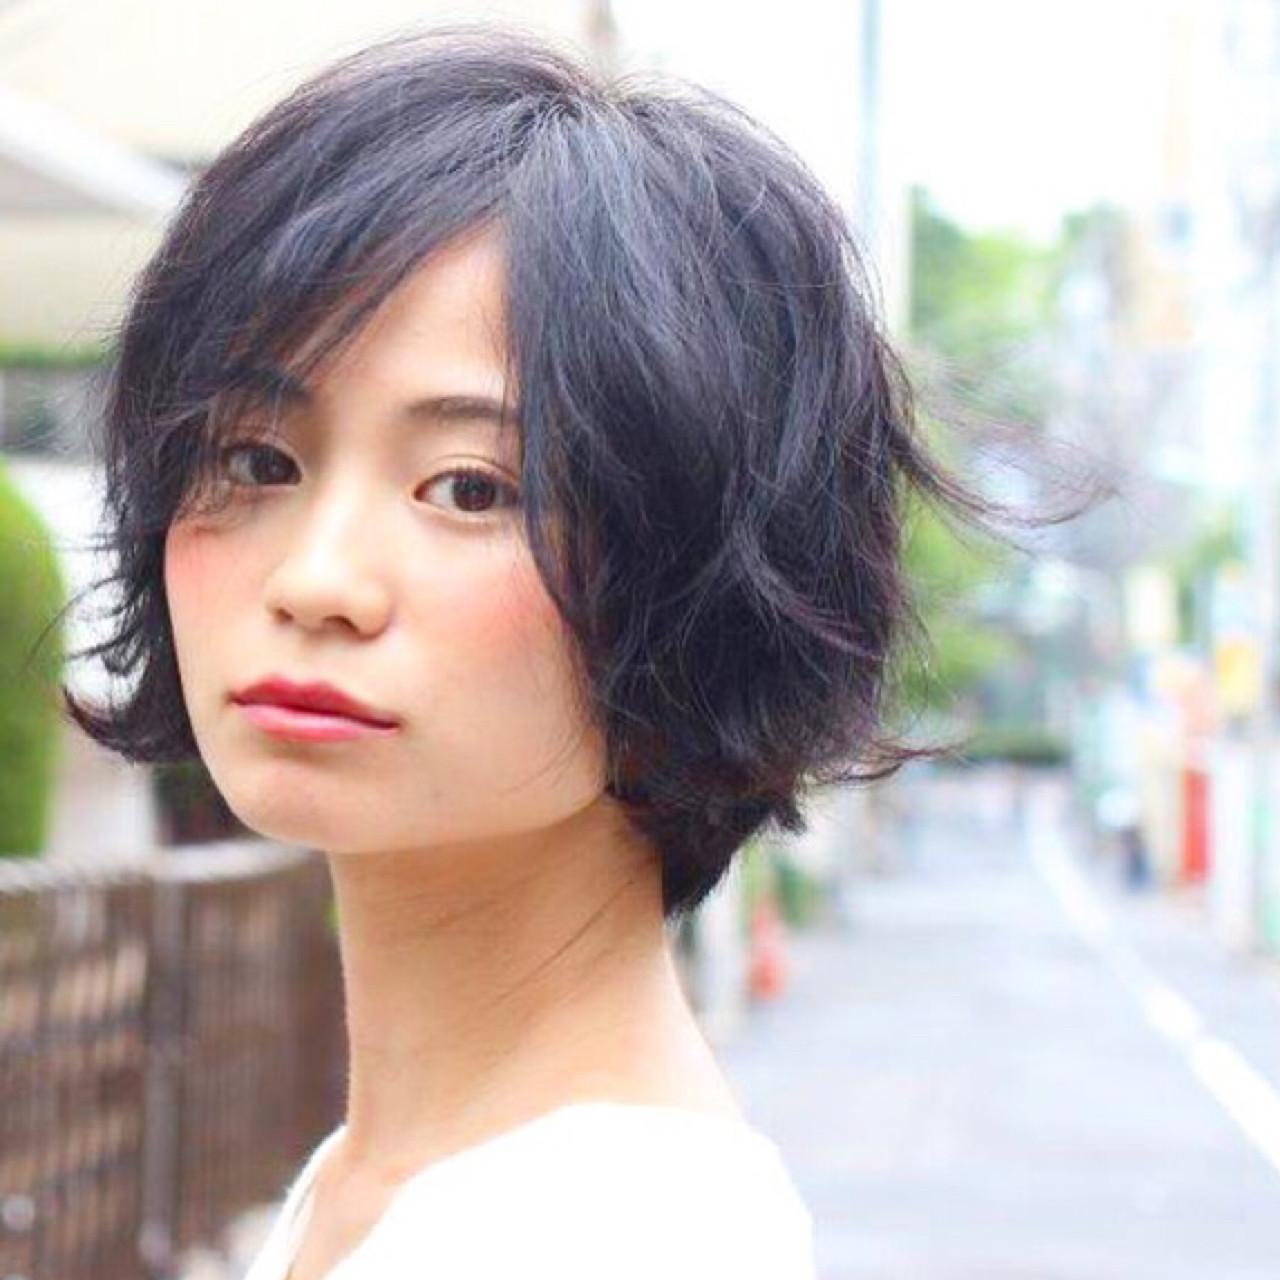 ジェンダーレス ストリート ショートボブ ショート ヘアスタイルや髪型の写真・画像 | 切りっぱなしボブを流行らせた人 Un ami増永 / Un ami omotesando